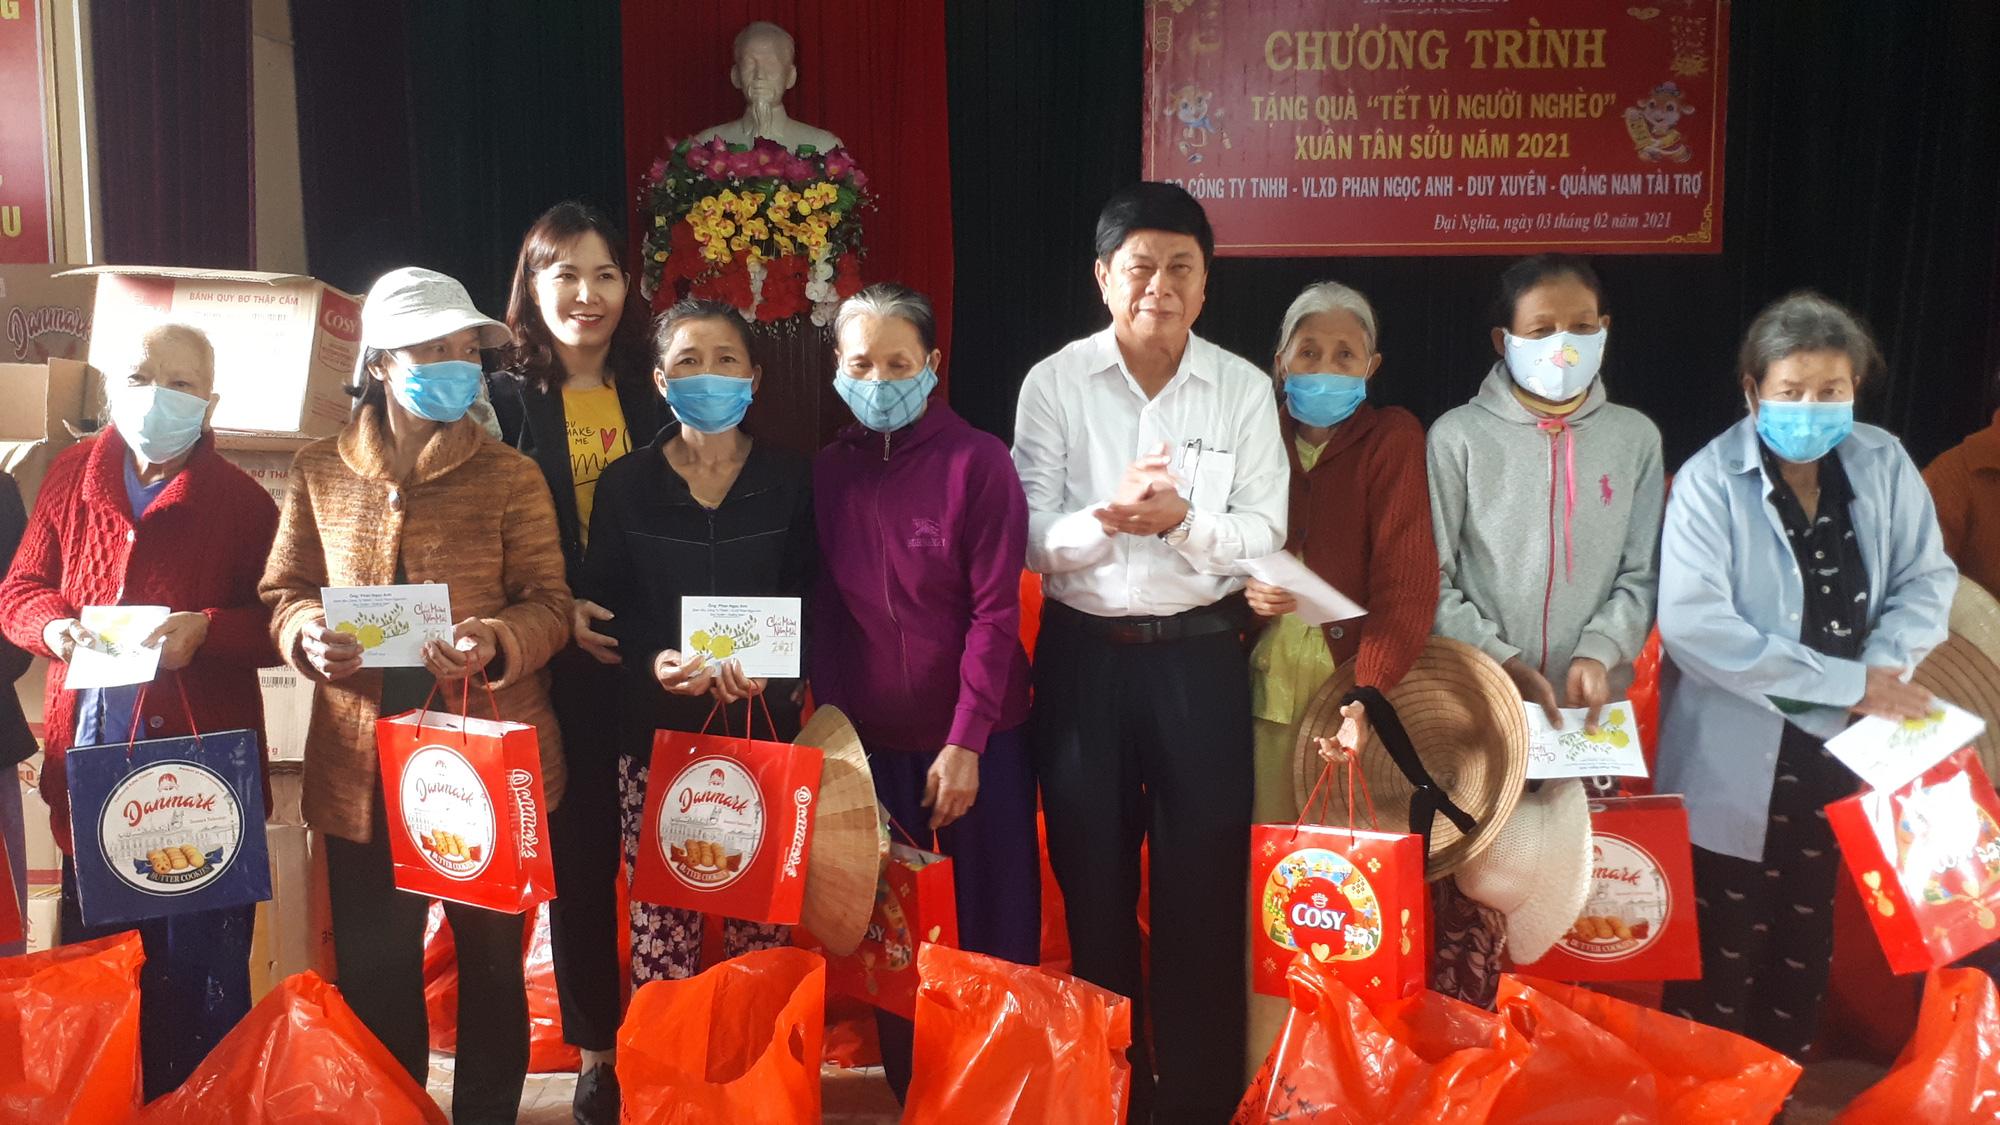 Quảng Nam: Mang xuân đến với bà con nông dân xứ Quảng - Ảnh 2.